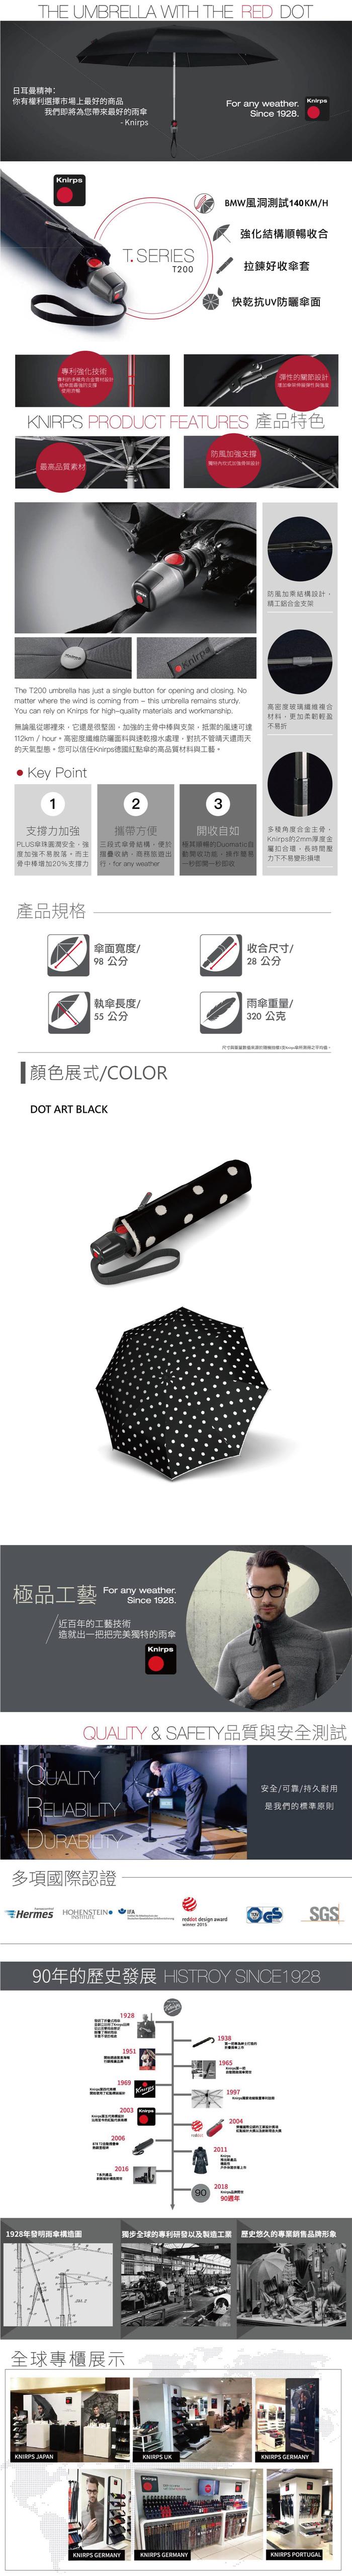 (複製)Knirps®德國紅點傘 T.200 自動開收傘- Watson Aqua